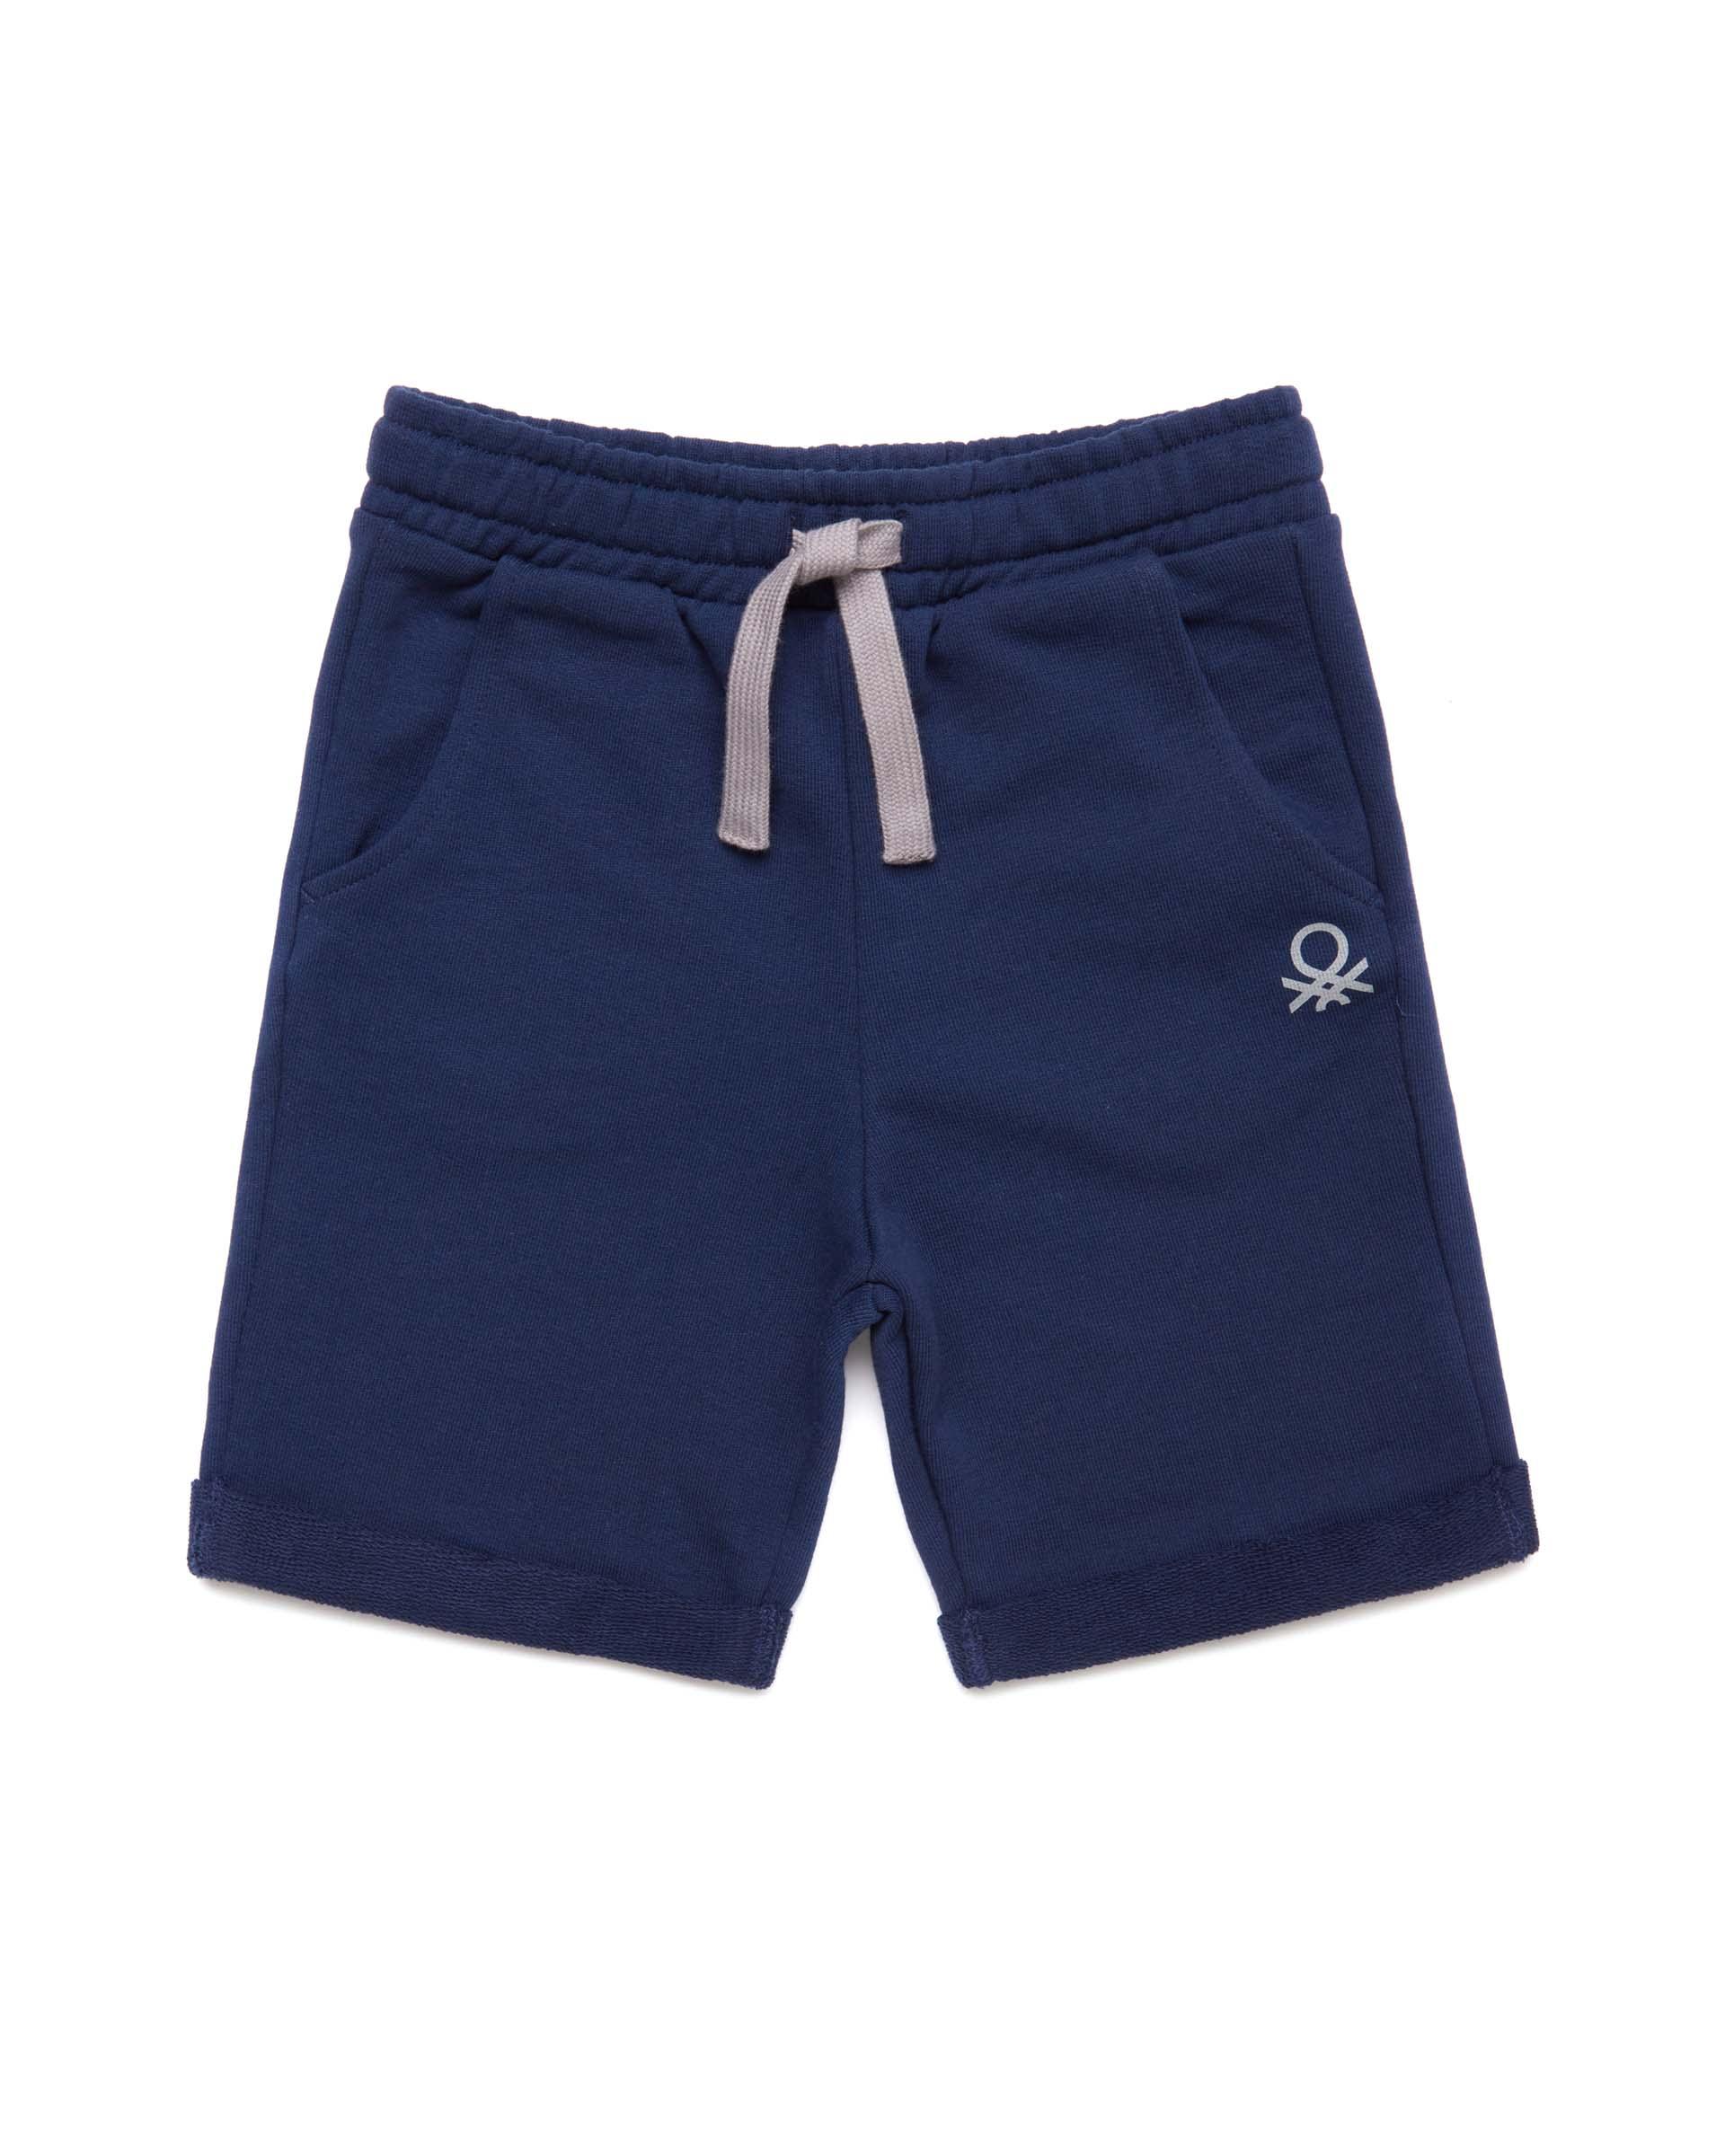 Купить 20P_3J68I0638_252, Спортивные шорты для мальчиков Benetton 3J68I0638_252 р-р 92, United Colors of Benetton, Шорты и брюки для новорожденных